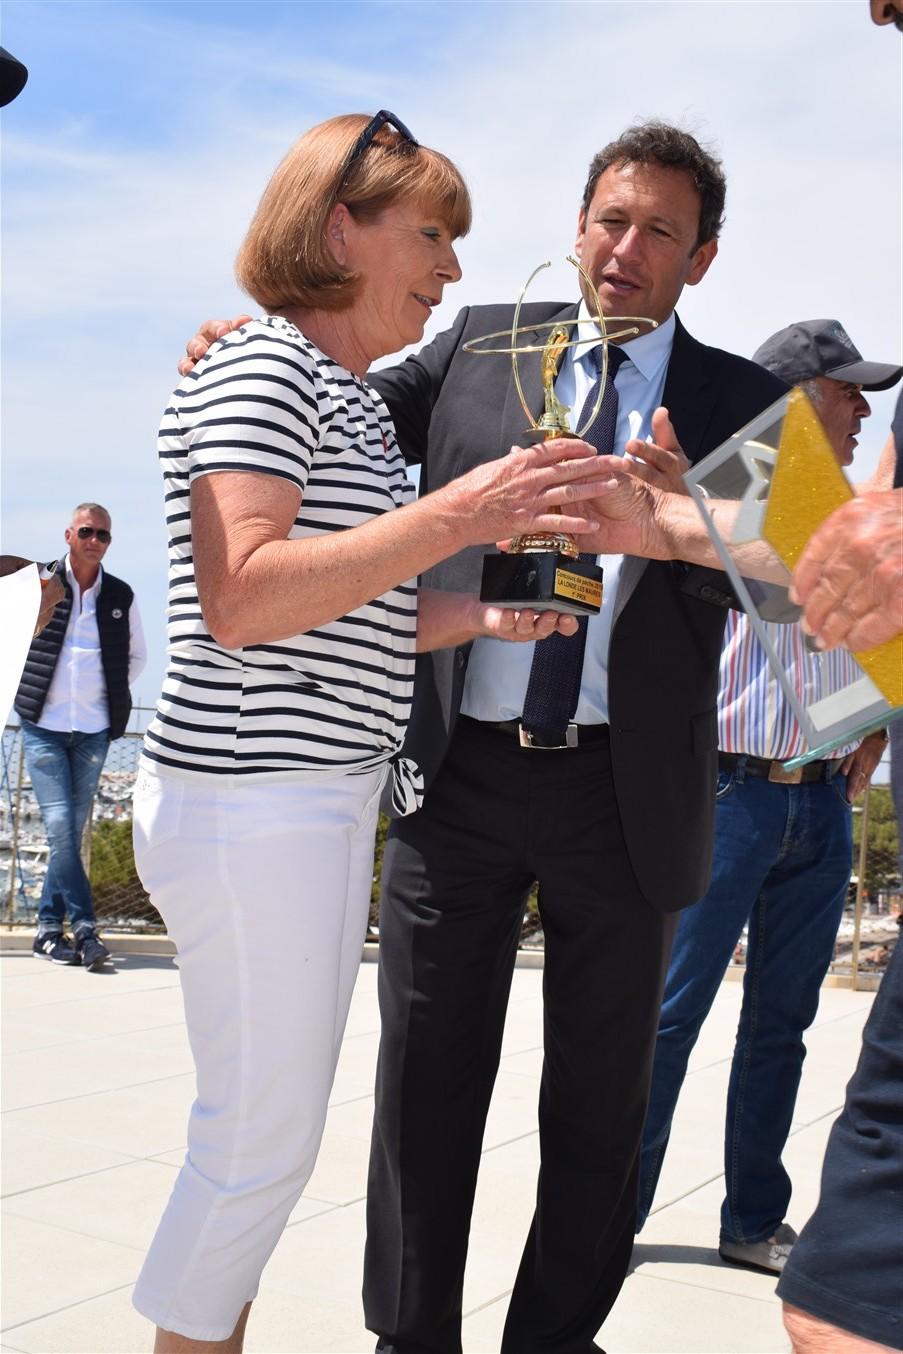 Le maire remet sa coupe à Jacqueline Nouzille et la félicite pour avoir gagné le concours.